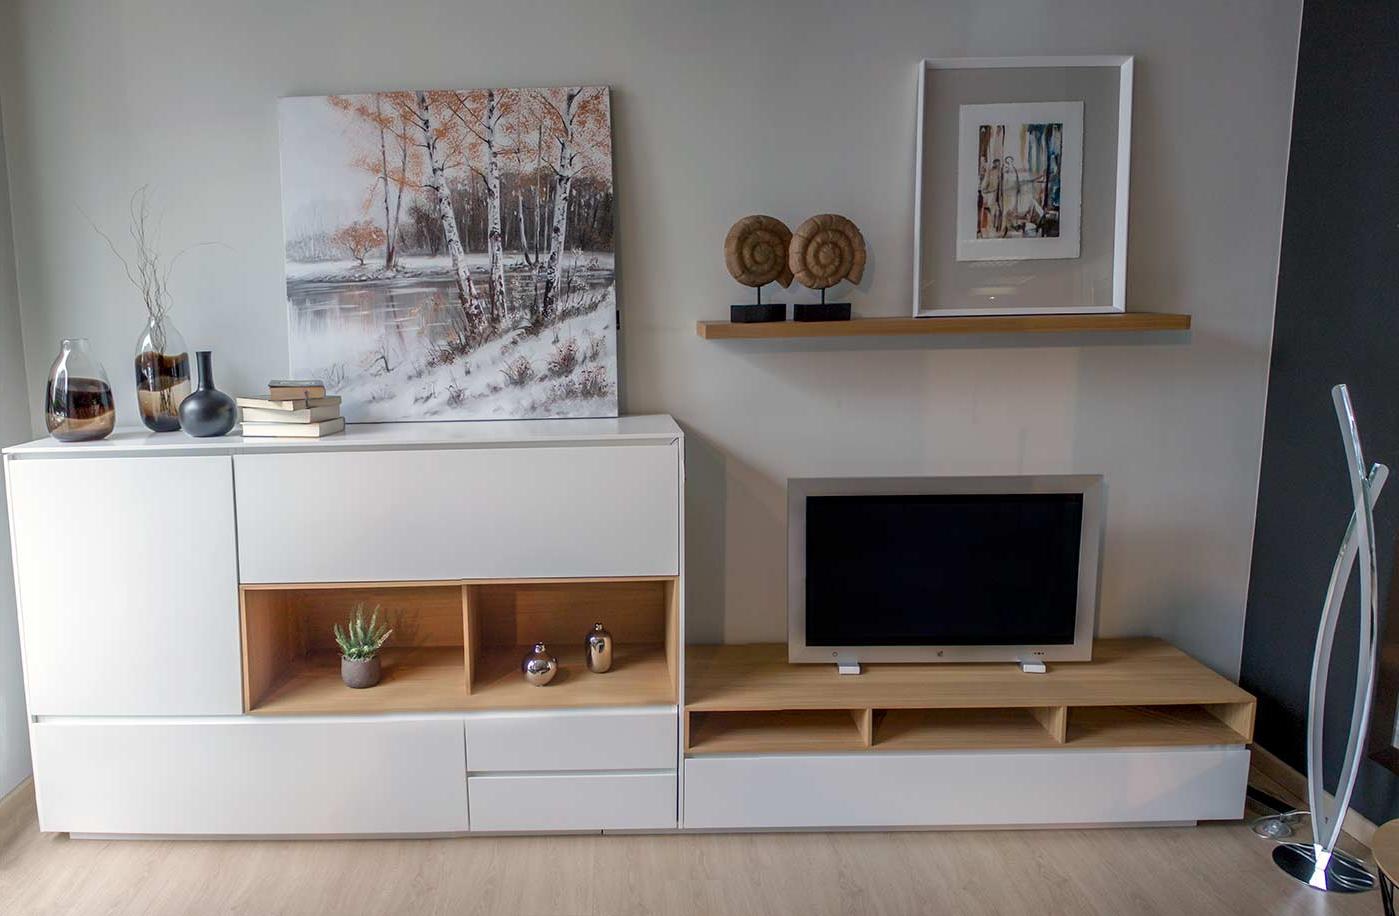 Muebles Salon Blanco Y Madera Kvdd Salà N Nà Rdico En Madera De Roble Y Blanco Alcon Mobiliario